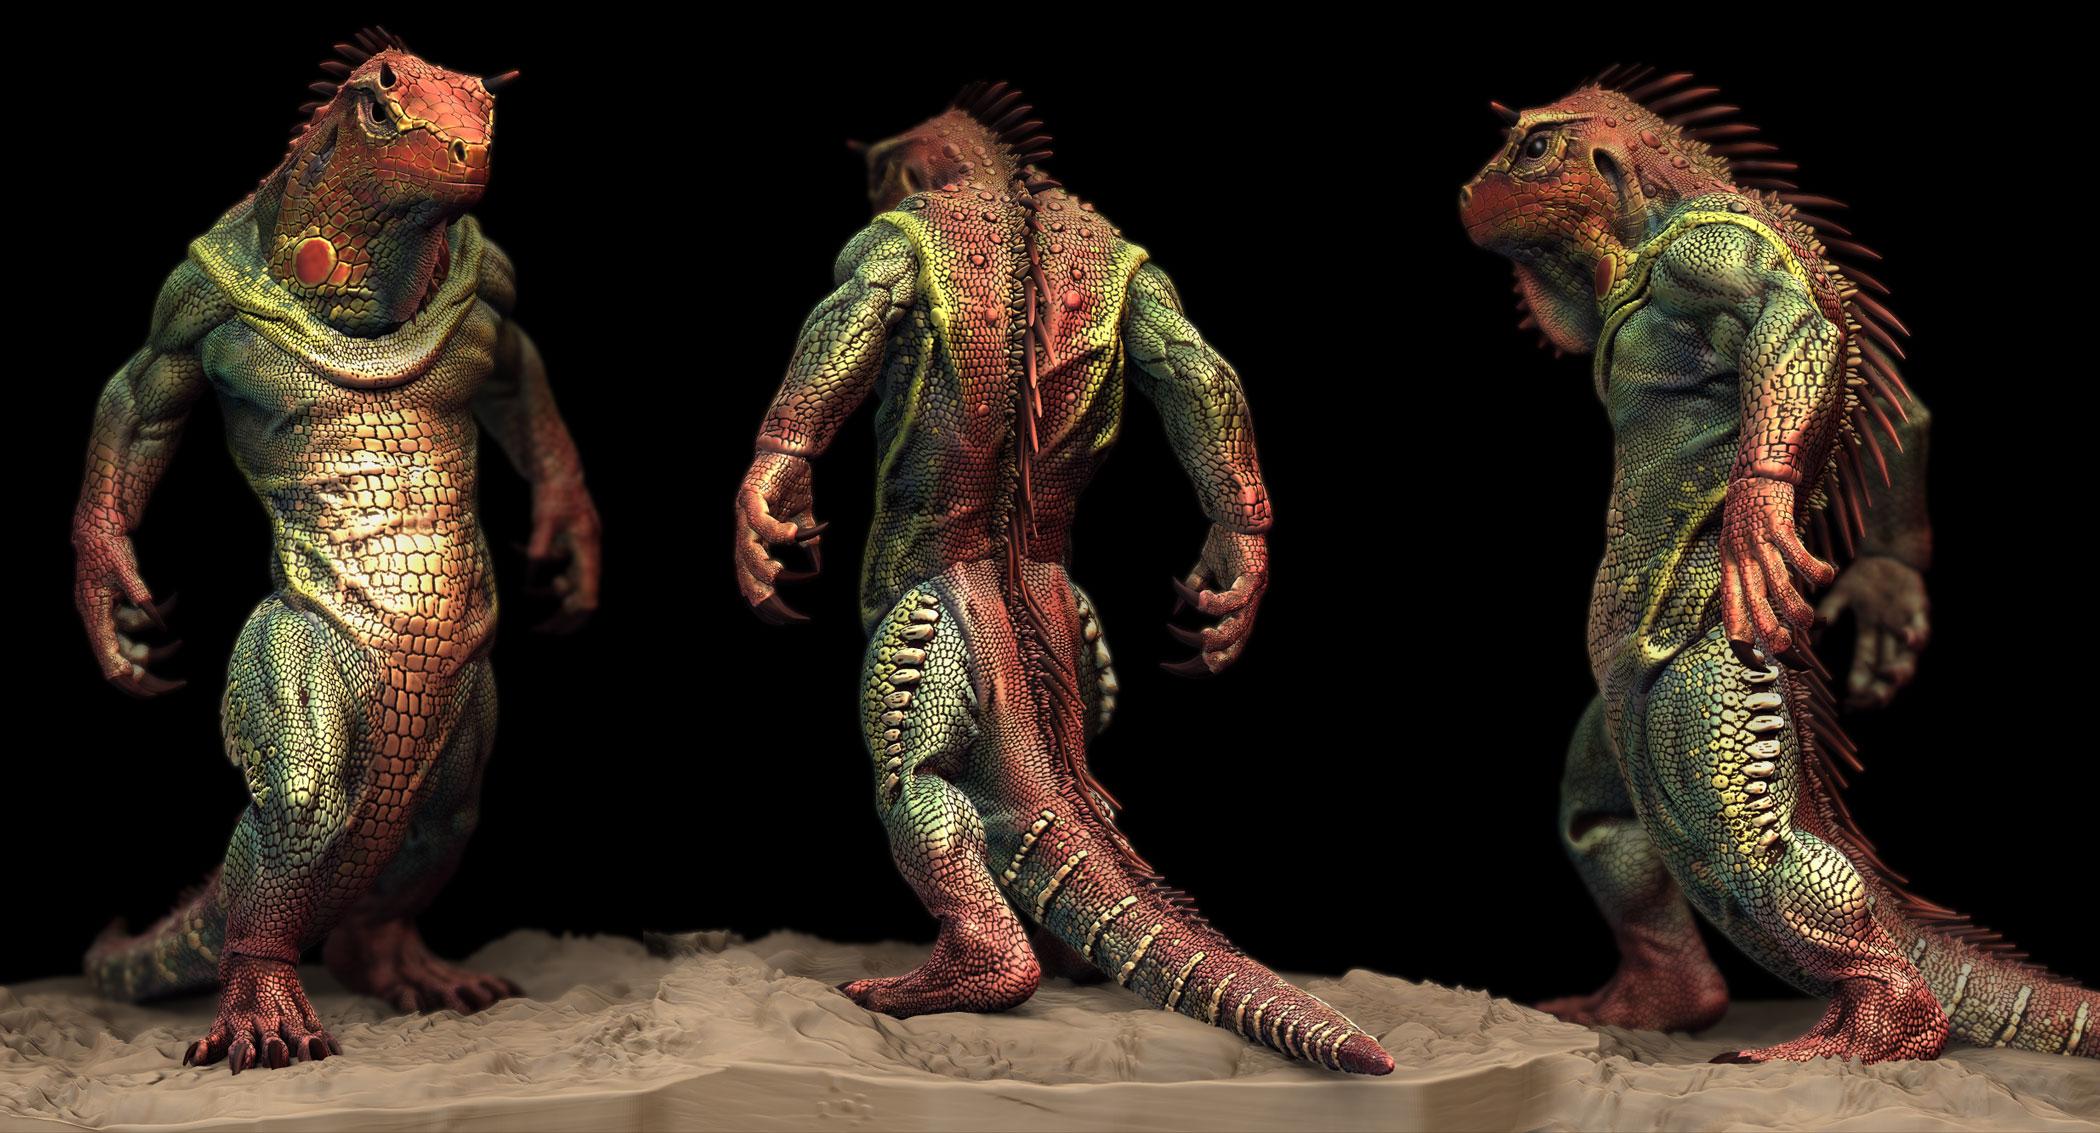 Z Man Lizard Michael Montes ...